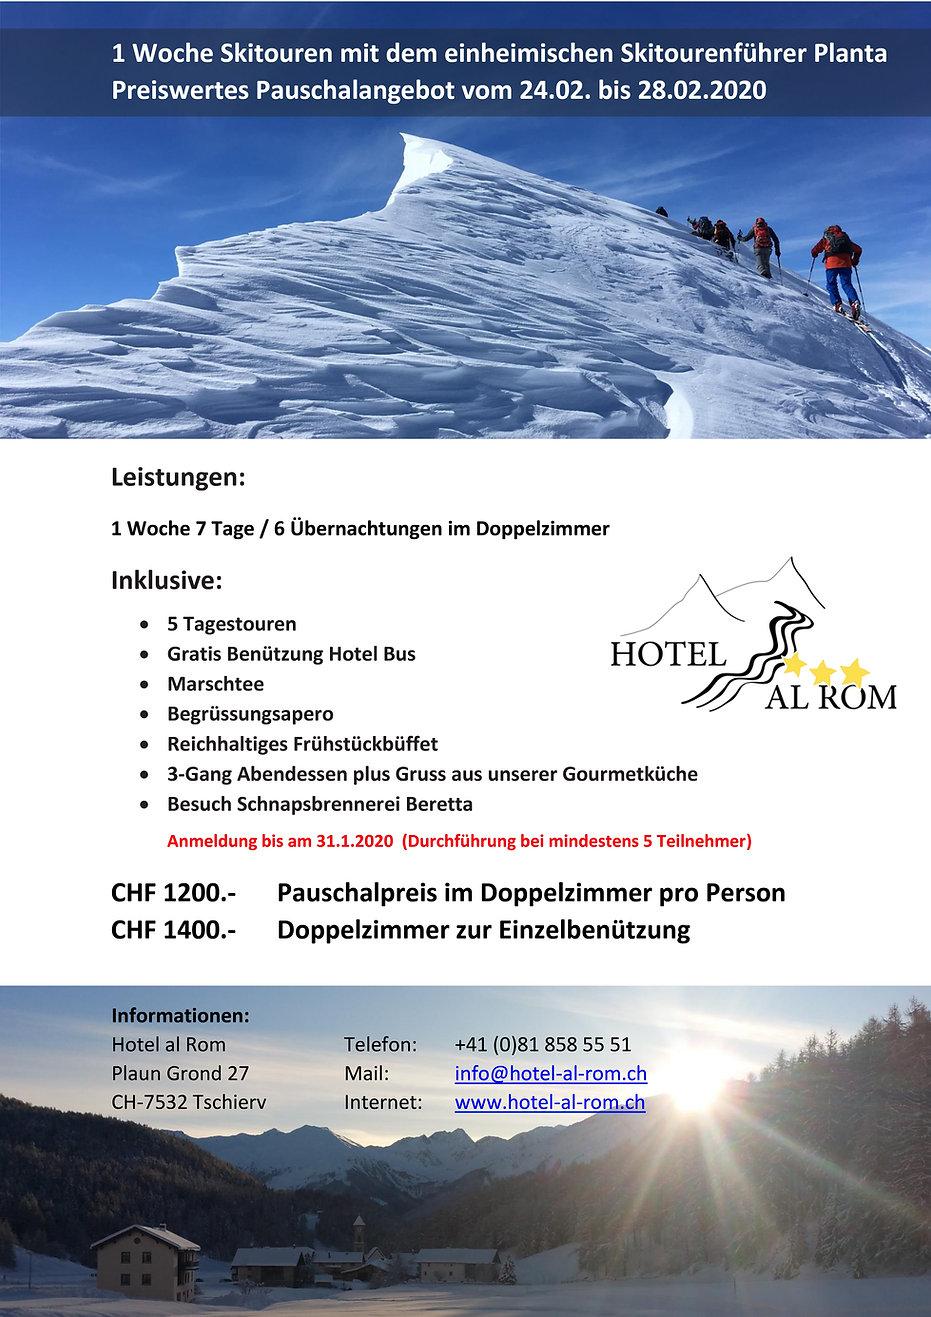 Pauschalangebot Skitouren Februar 2020_0